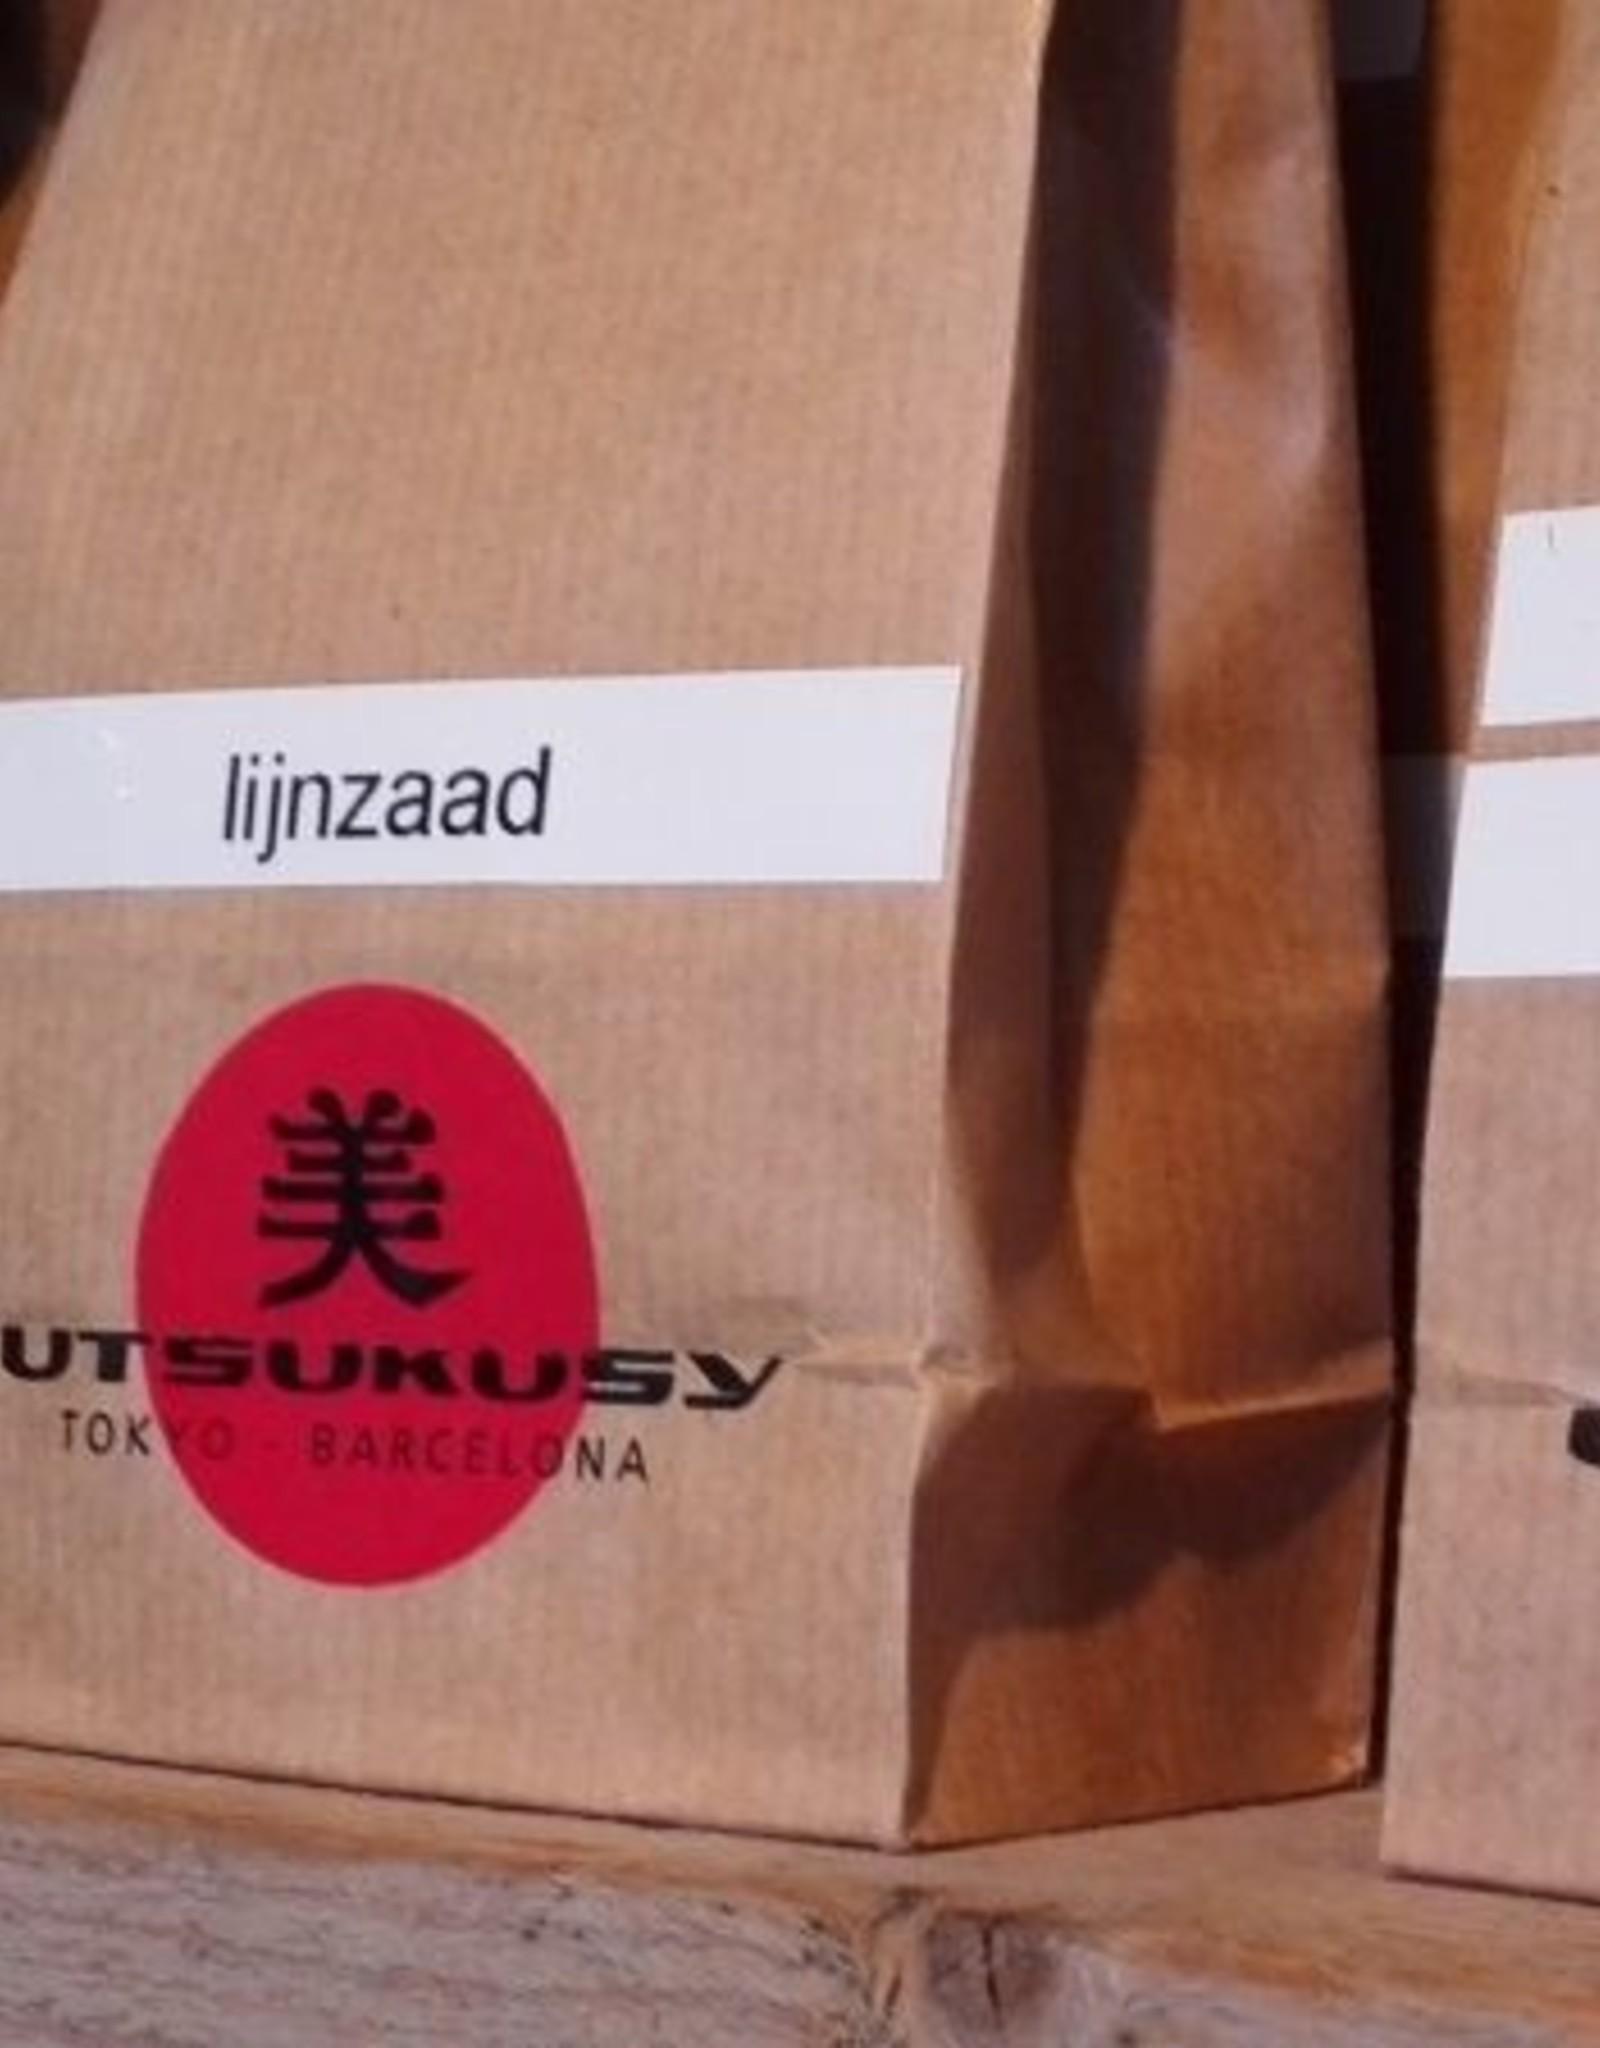 Utsukusy Horsetail powder